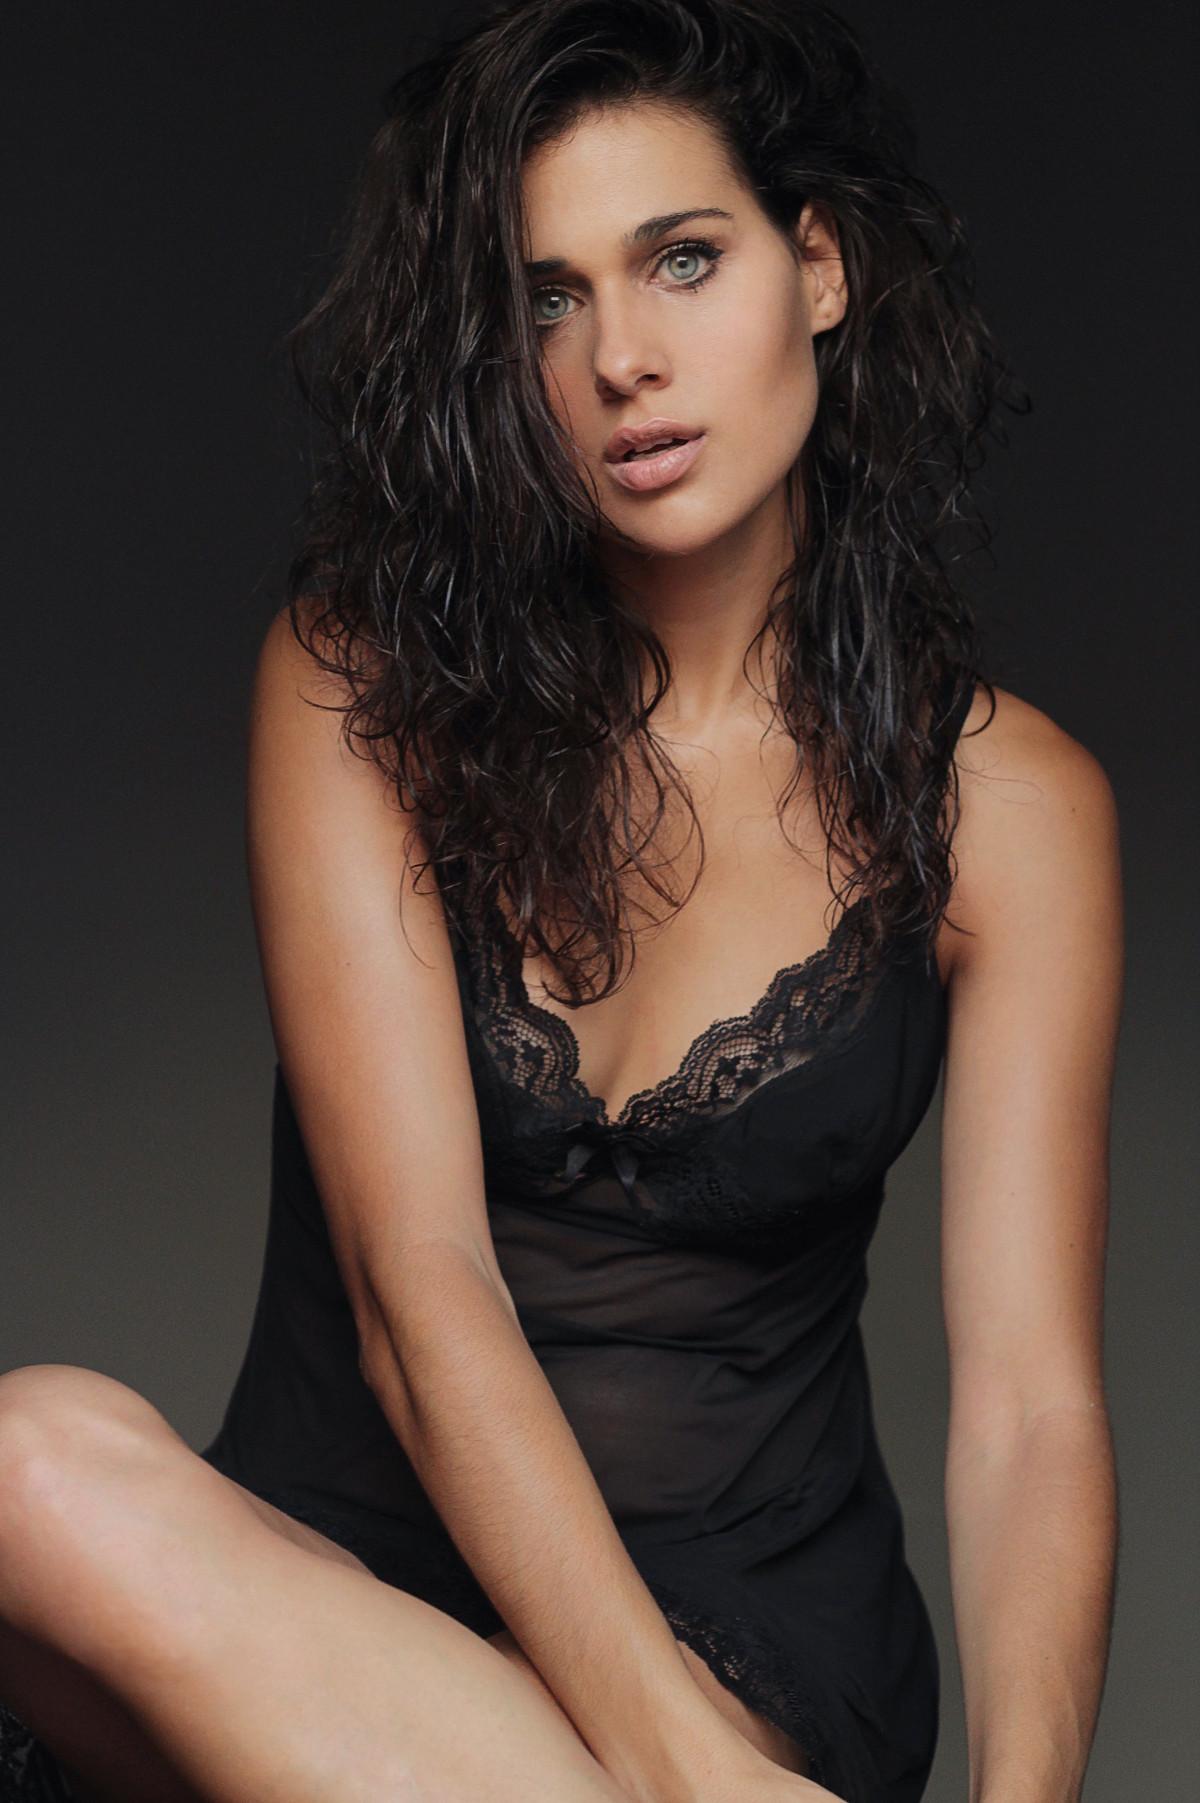 Iris Lezcano Actriz Modelo (6)